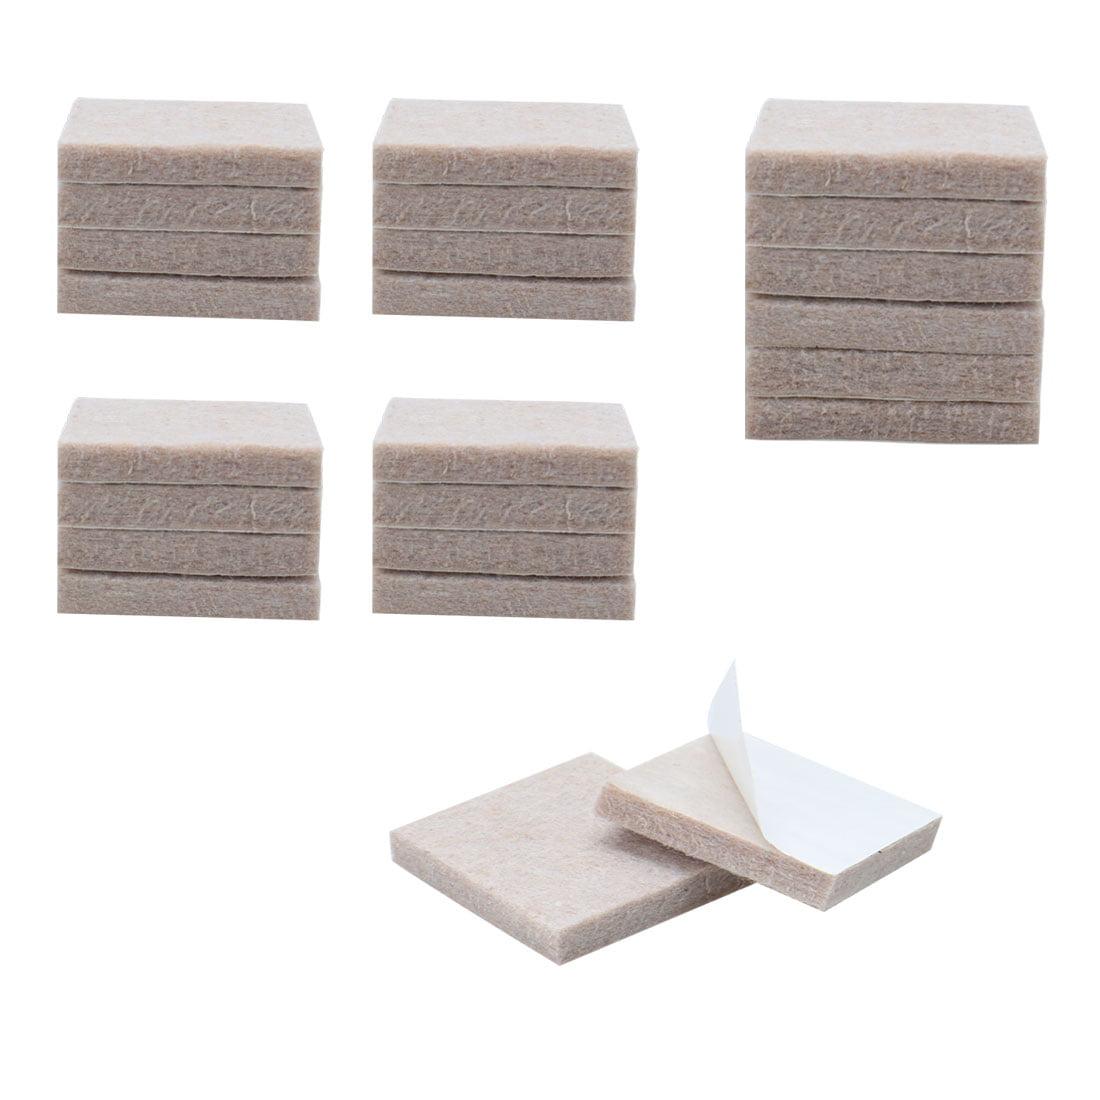 24pcs Furniture Pads Square 1 5 8 Self Stick Anti Scratch Floor